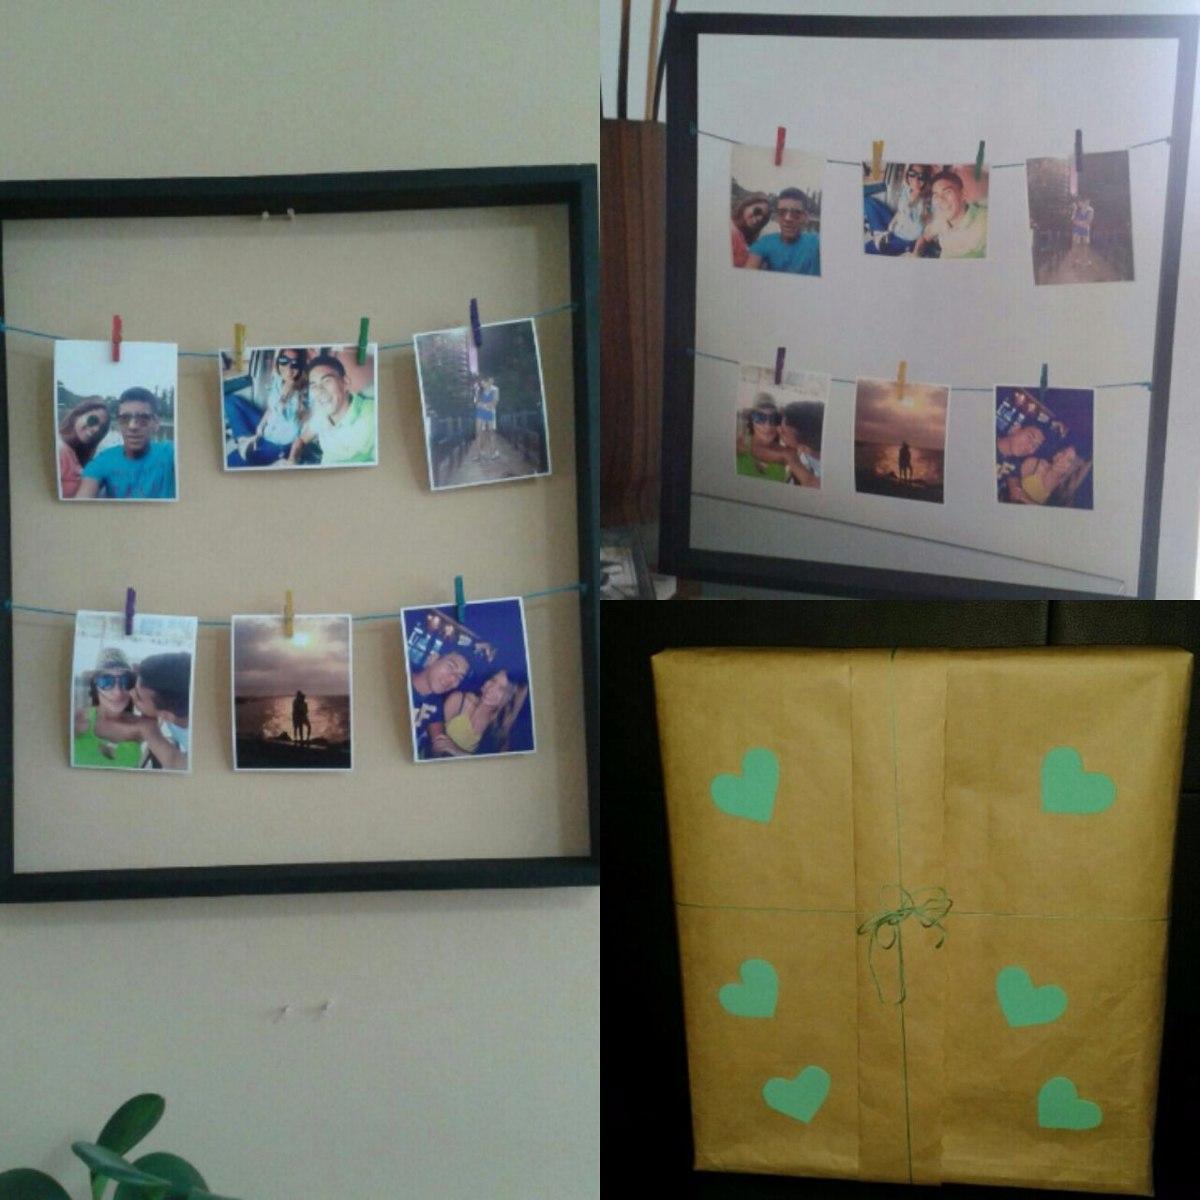 Marcos De Fotos Y Porta Retratos Personalizados En Madera - Bs ...